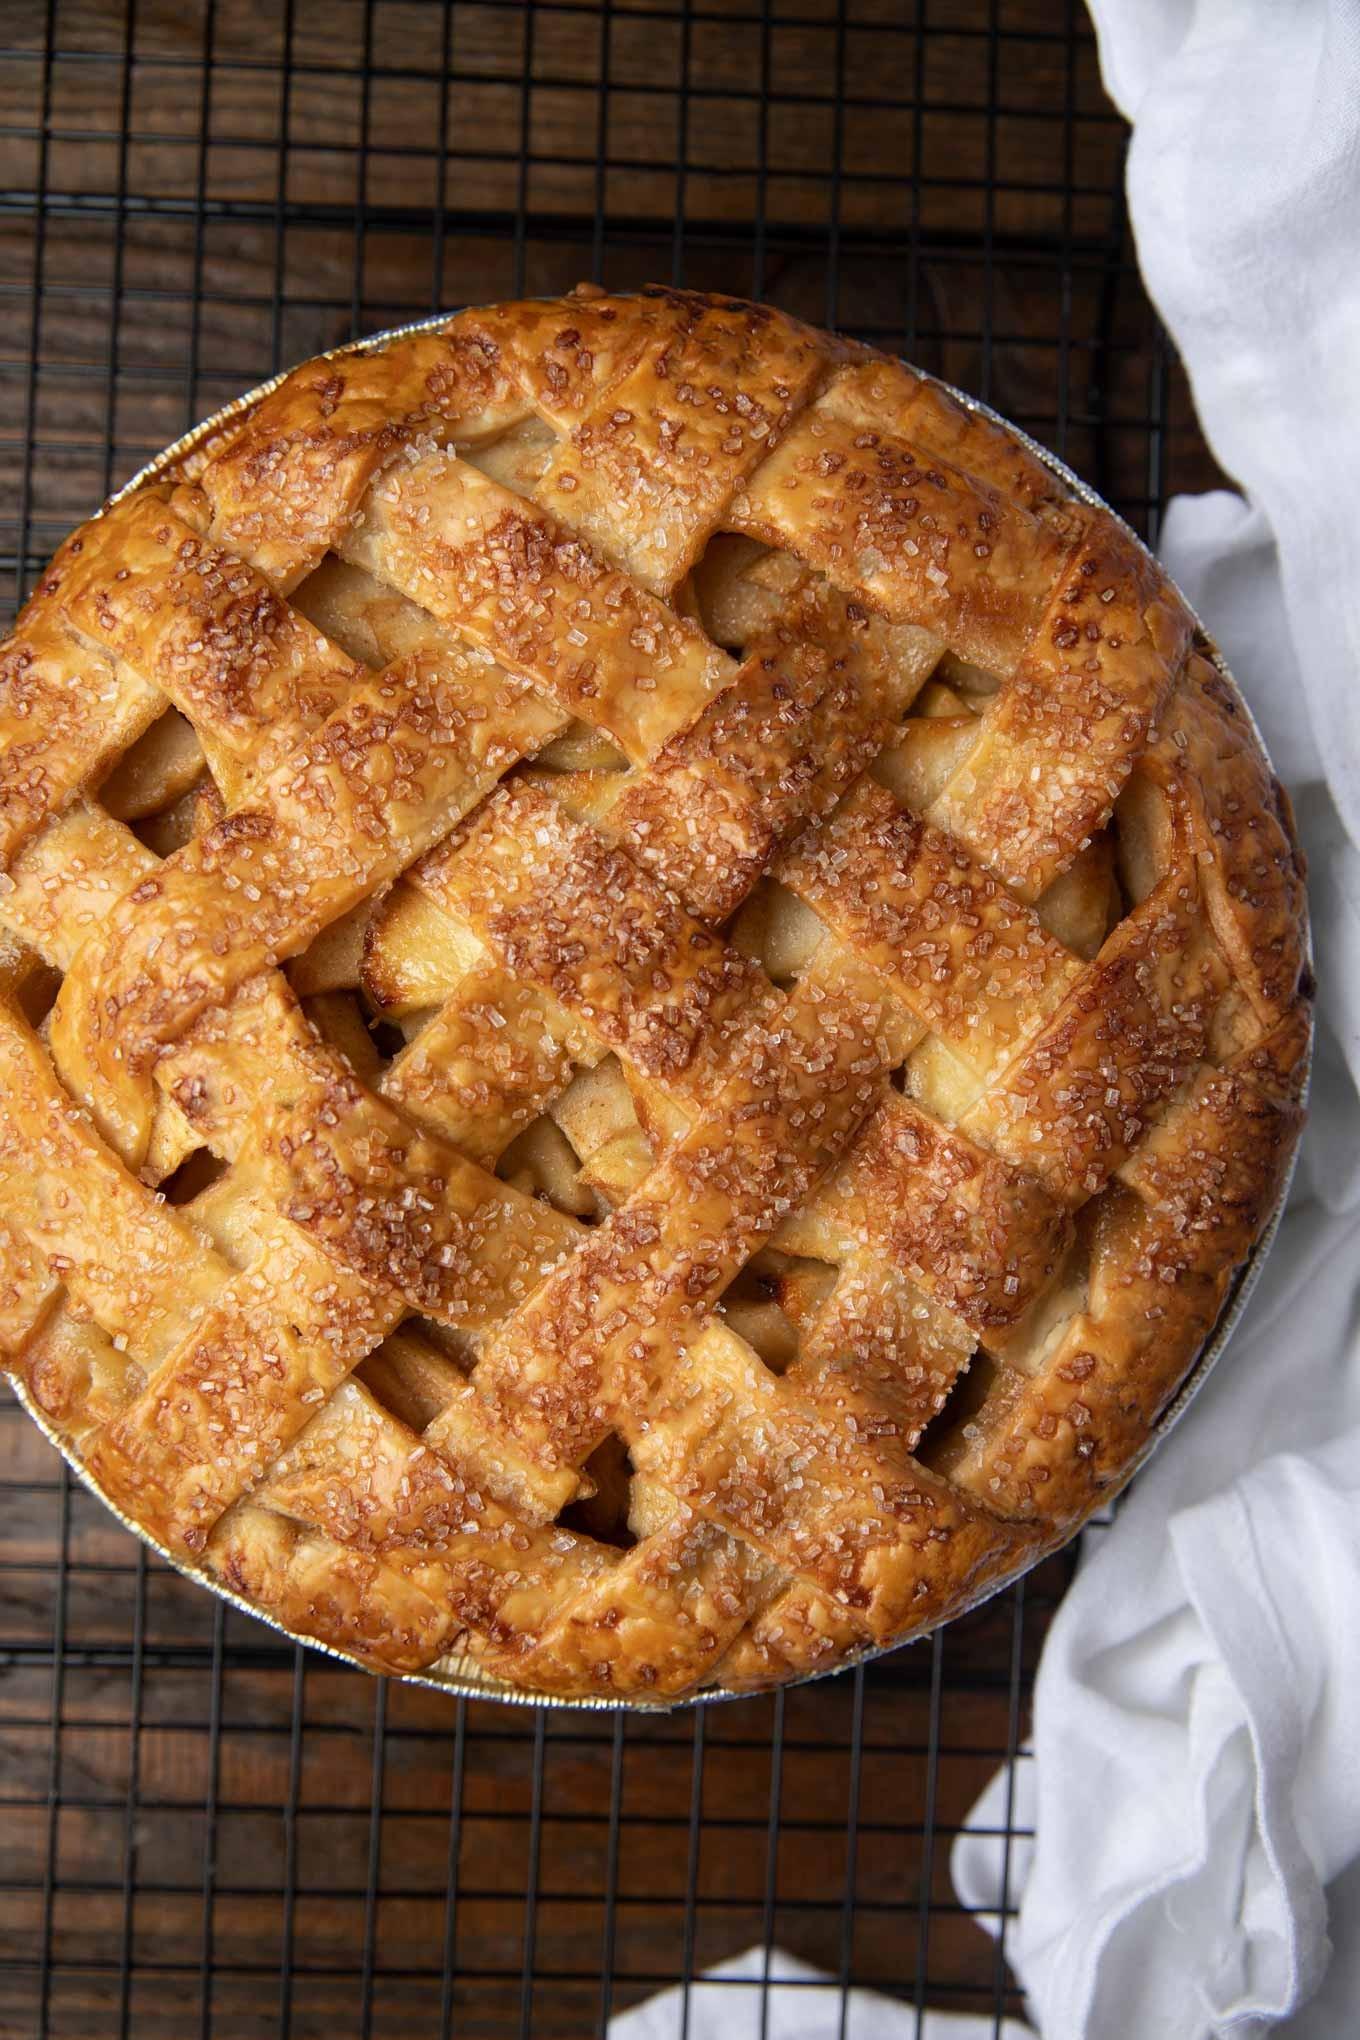 حلويات بالتفاح - طريقة عمل فطيرة التفاح